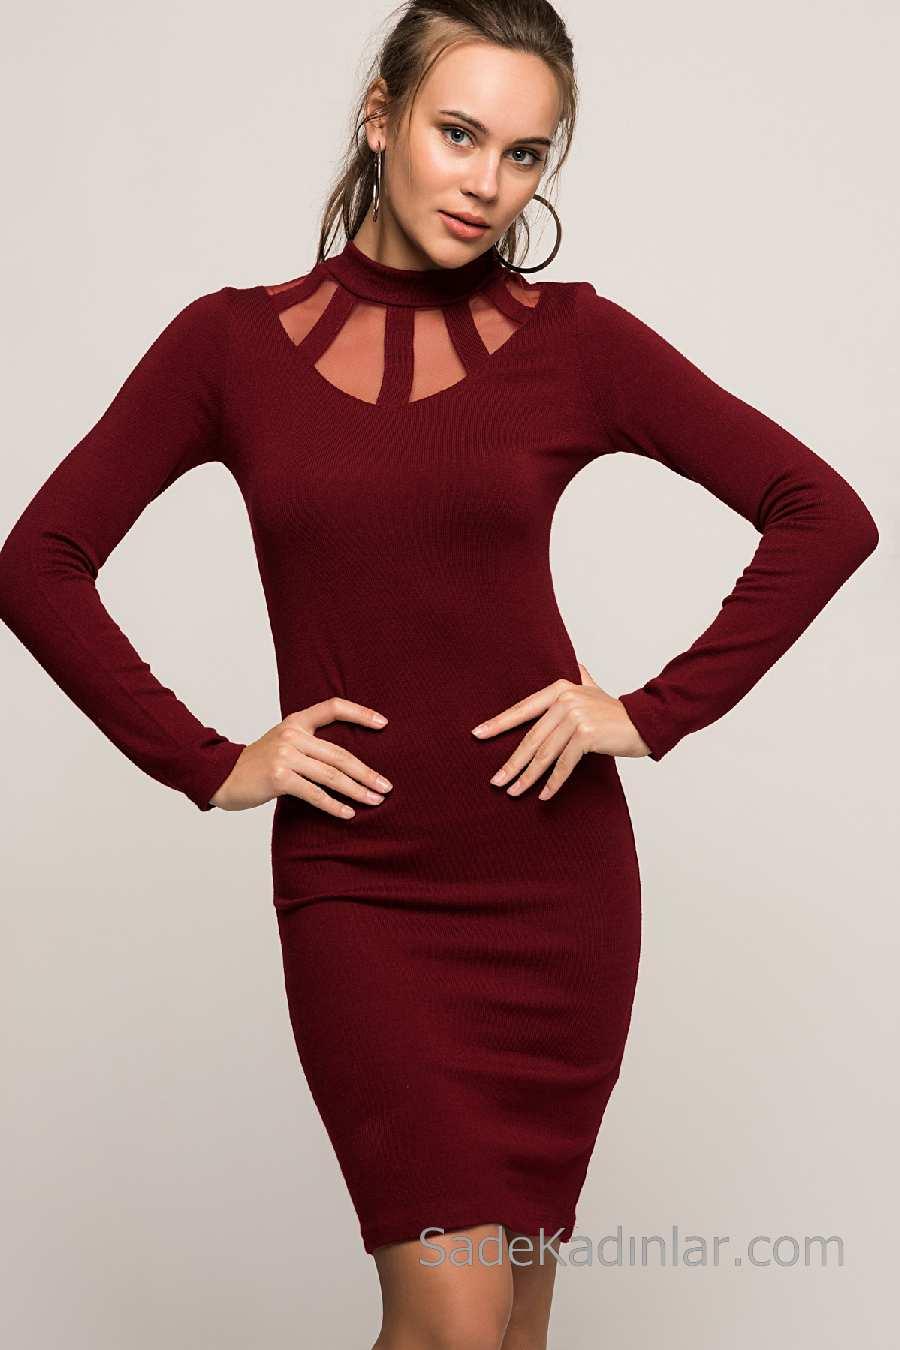 a0dabc7123a23 2018 Kışlık Elbise Modelleri Kırmızı Kısa Yarım Boğazlı Yakası Tüllü ...